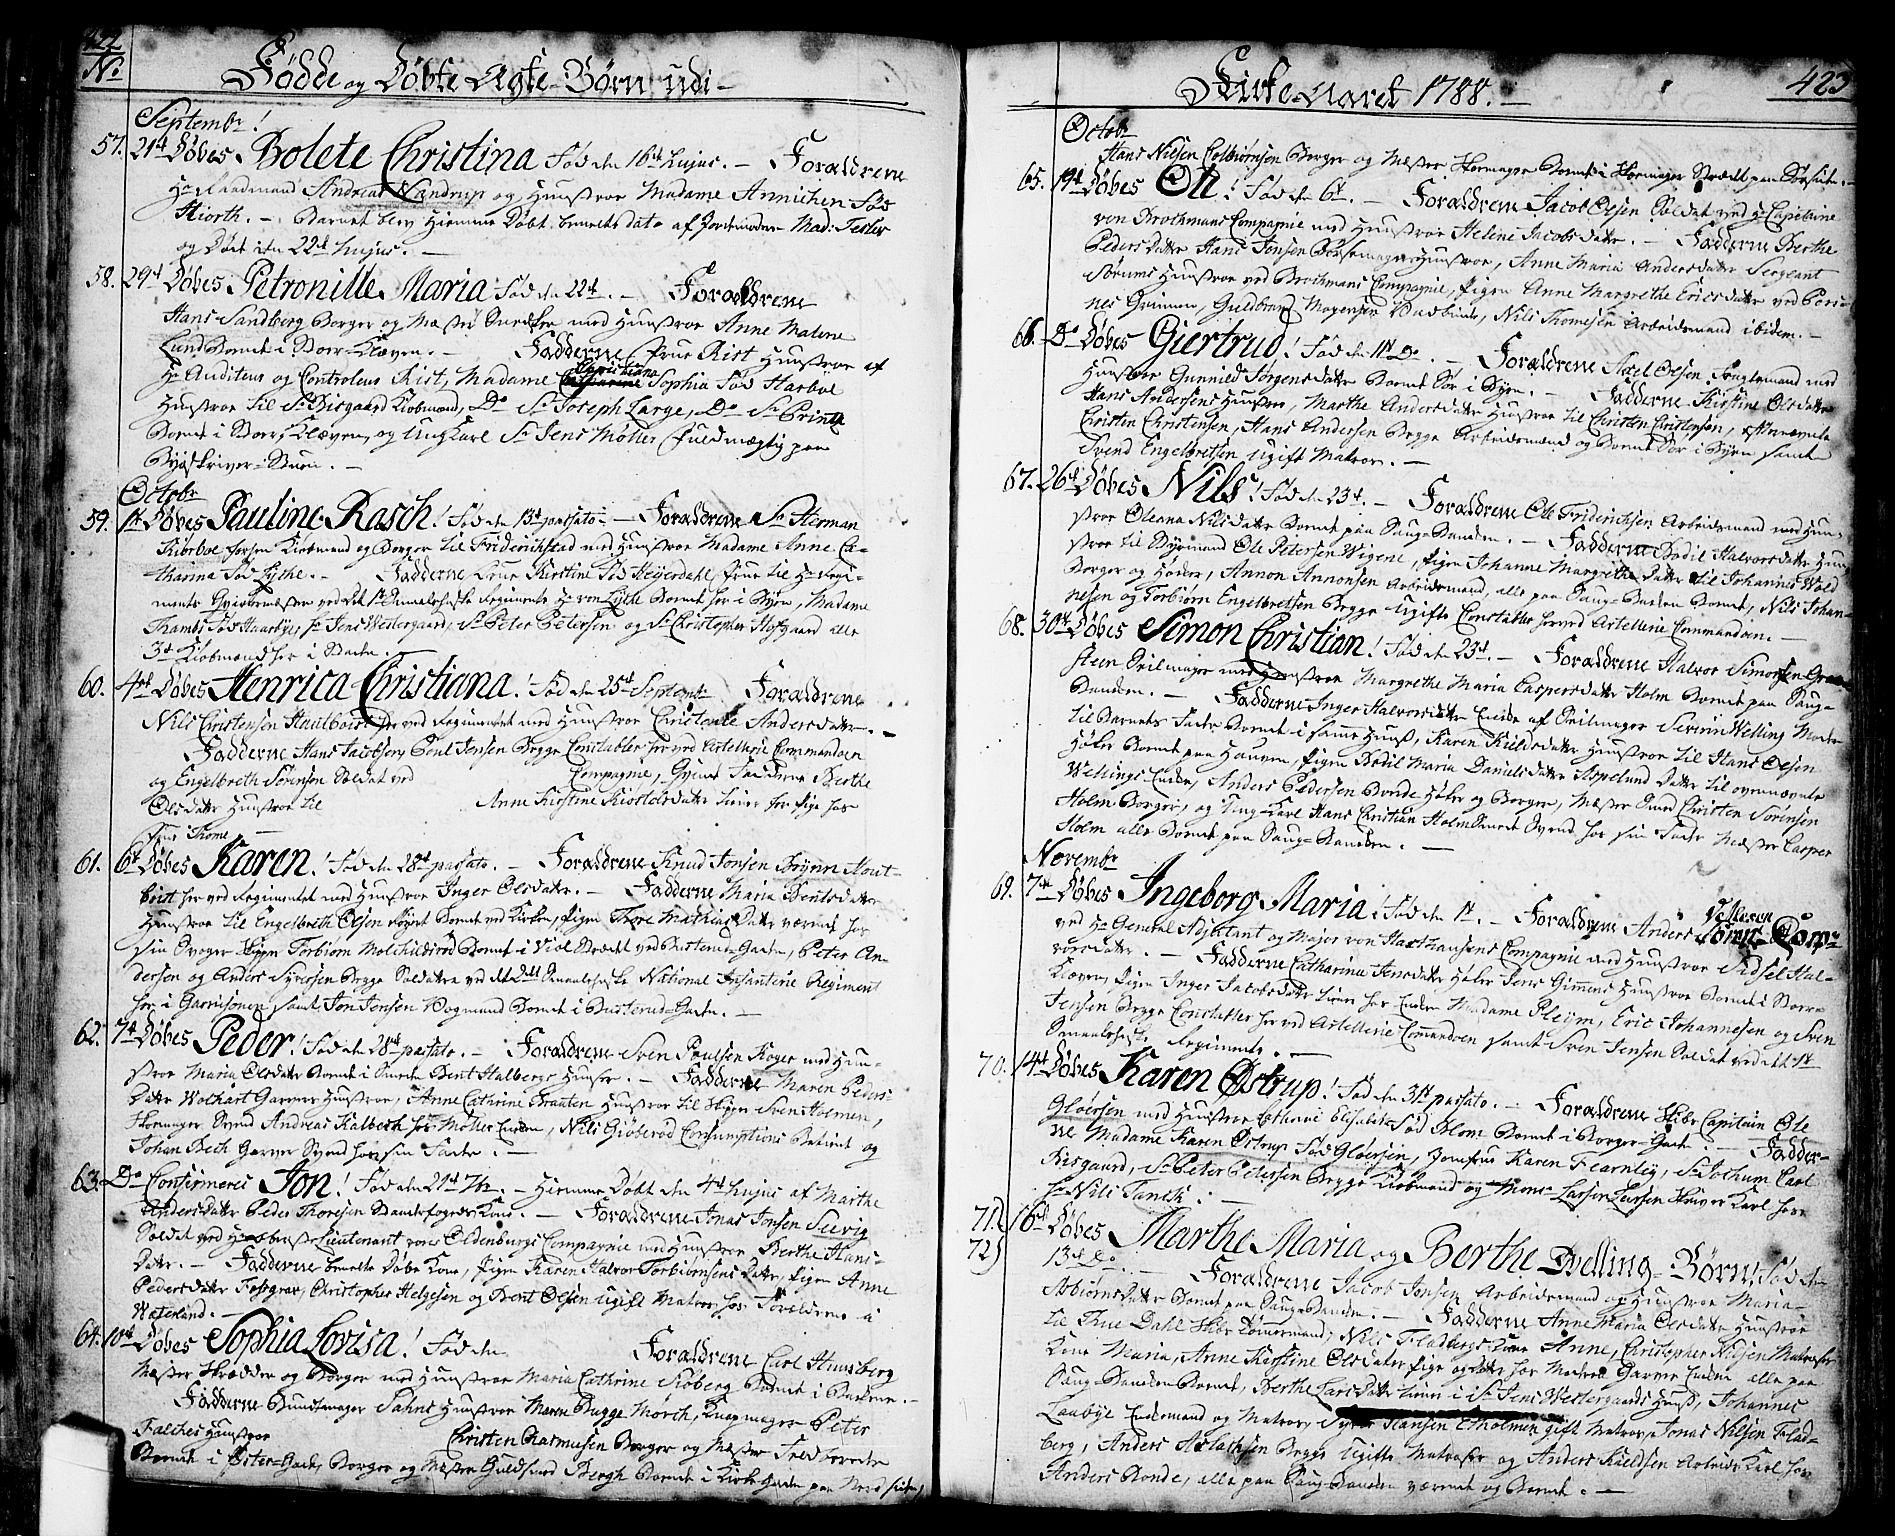 SAO, Halden prestekontor Kirkebøker, F/Fa/L0001: Ministerialbok nr. I 1, 1758-1791, s. 422-423